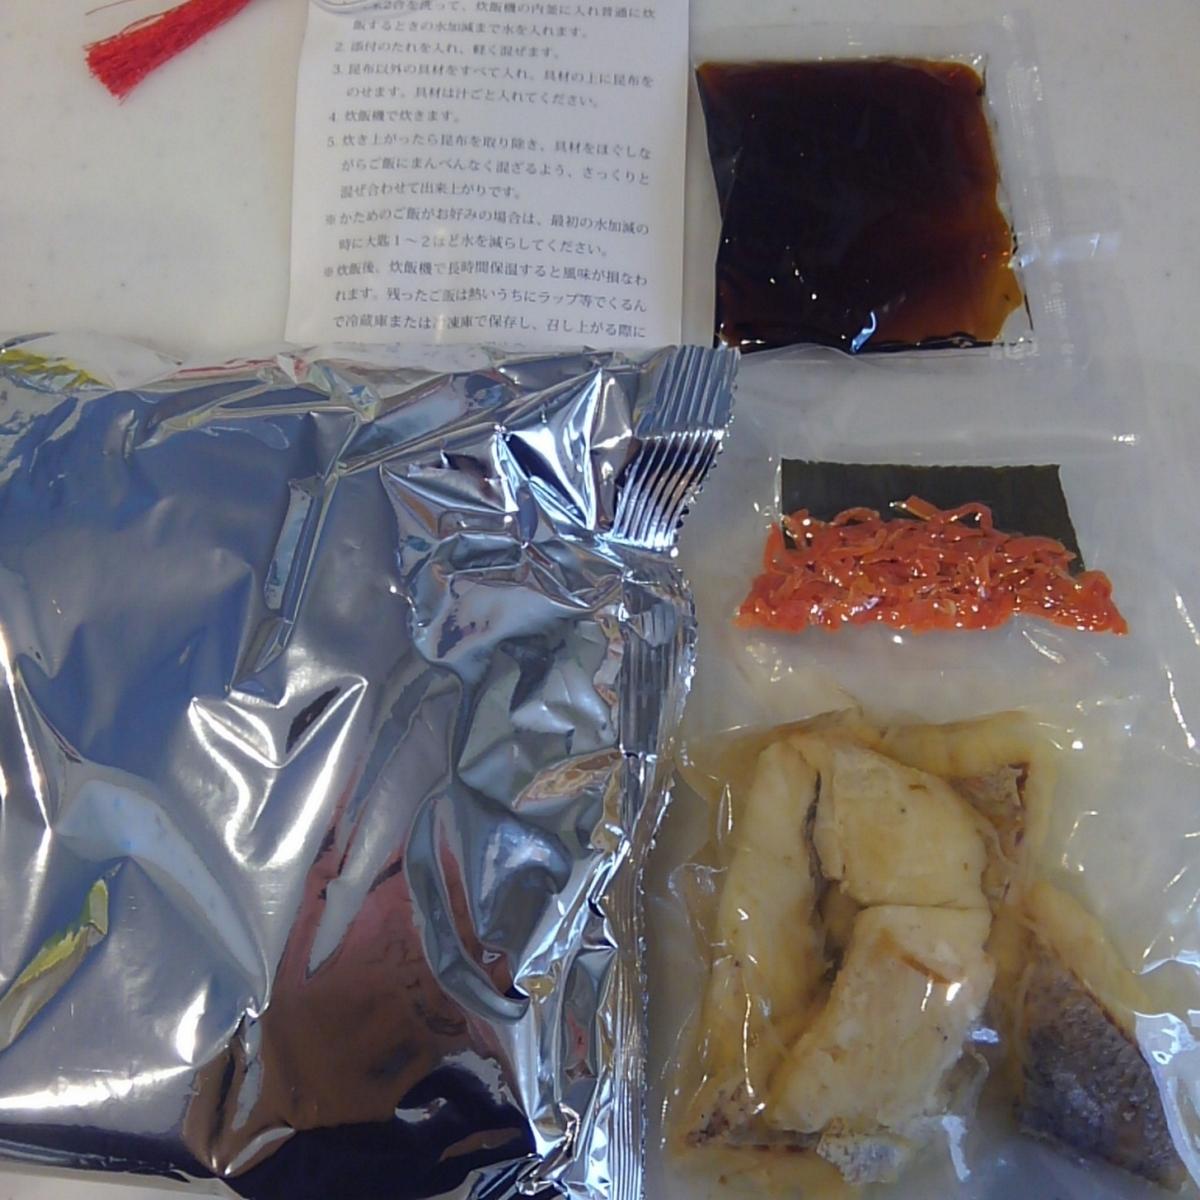 鯛めし 炊き込みご飯の素 愛媛海産